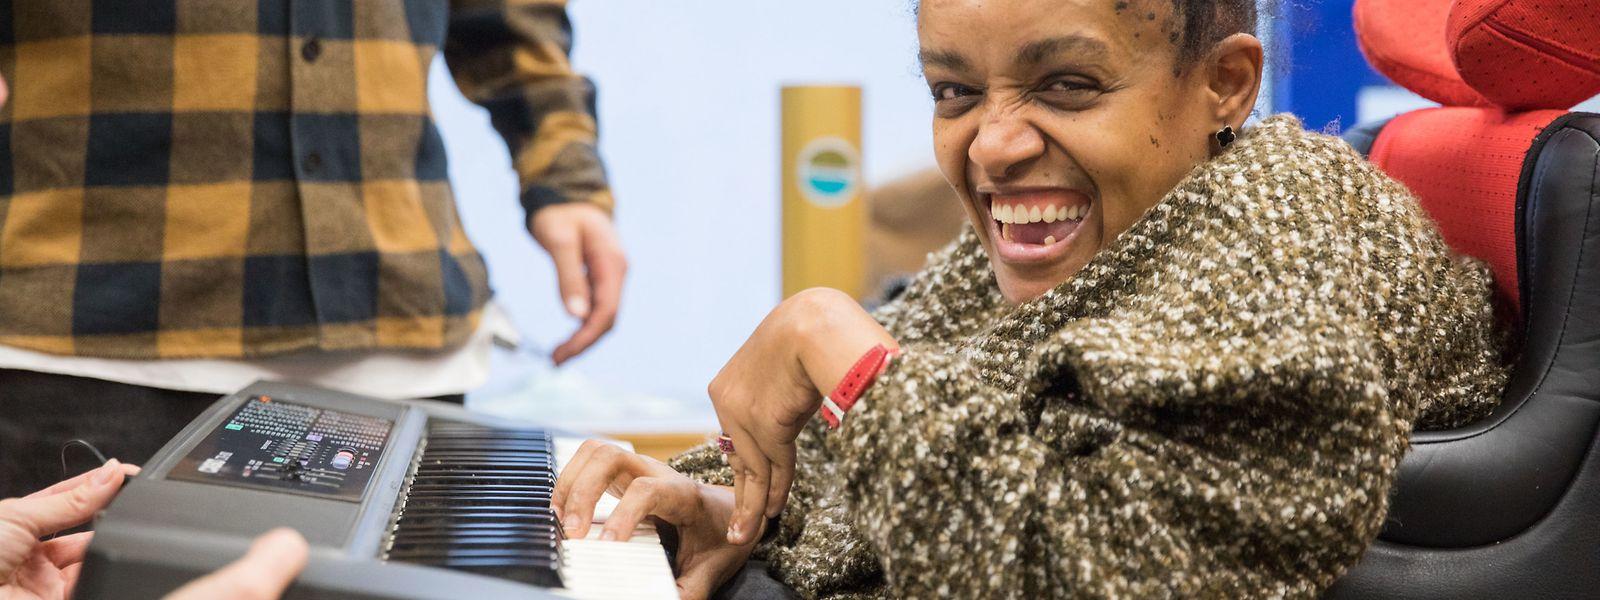 Die Workshopteilnehmerin Dolores ist mit Freude beim Beatmaking-Workshop dabei.